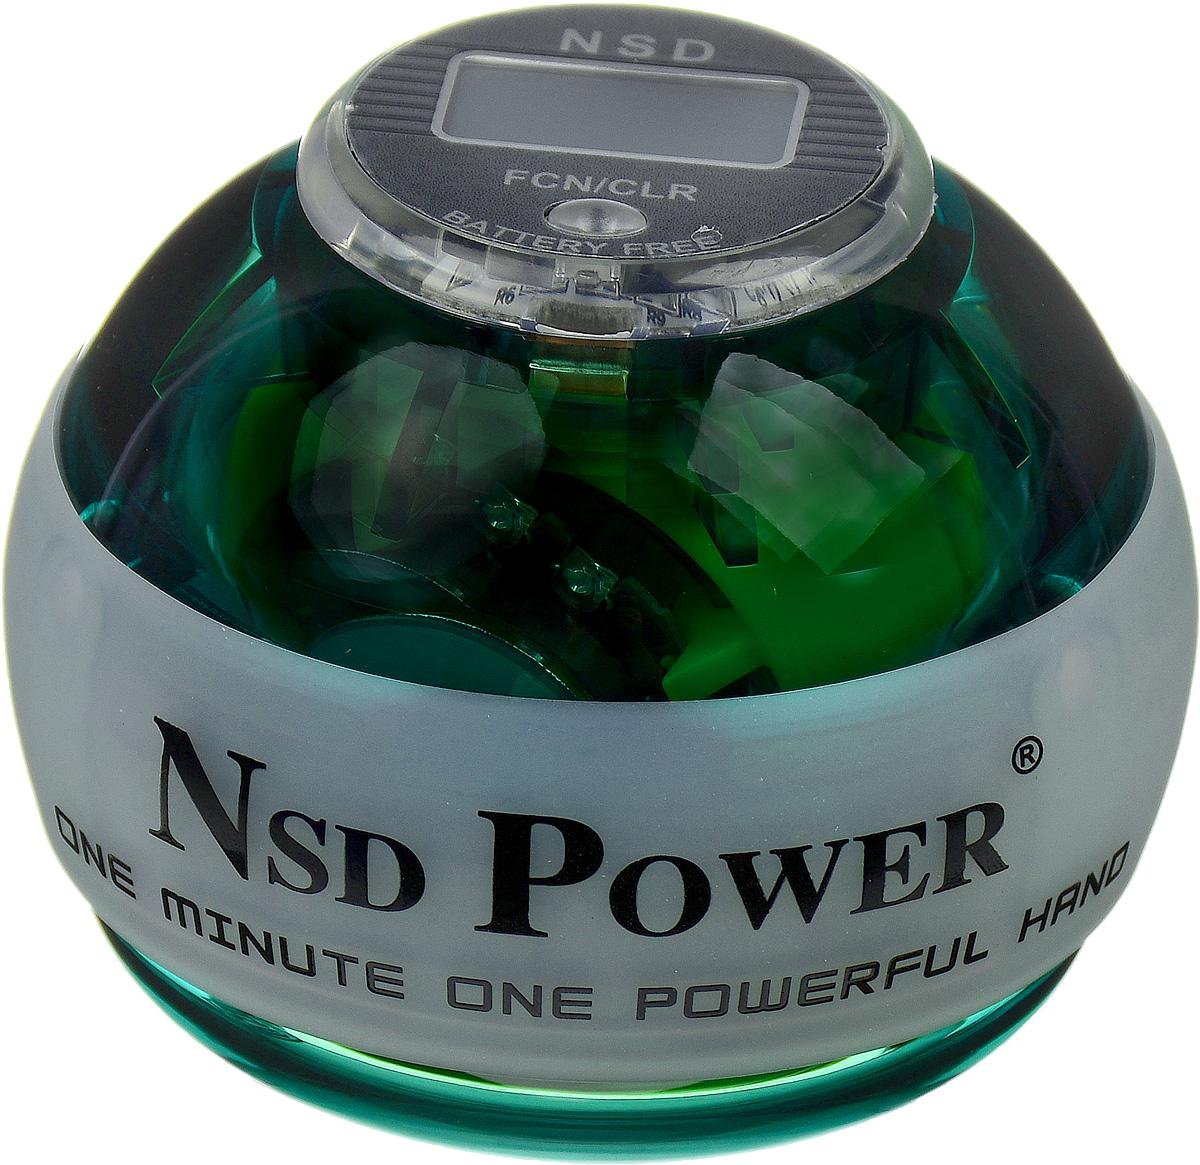 Тренажер кистевой NSD Power Powerball Neon Pro, цвет: зеленый тренажер кистевой nsd power powerball neon pro цвет белый